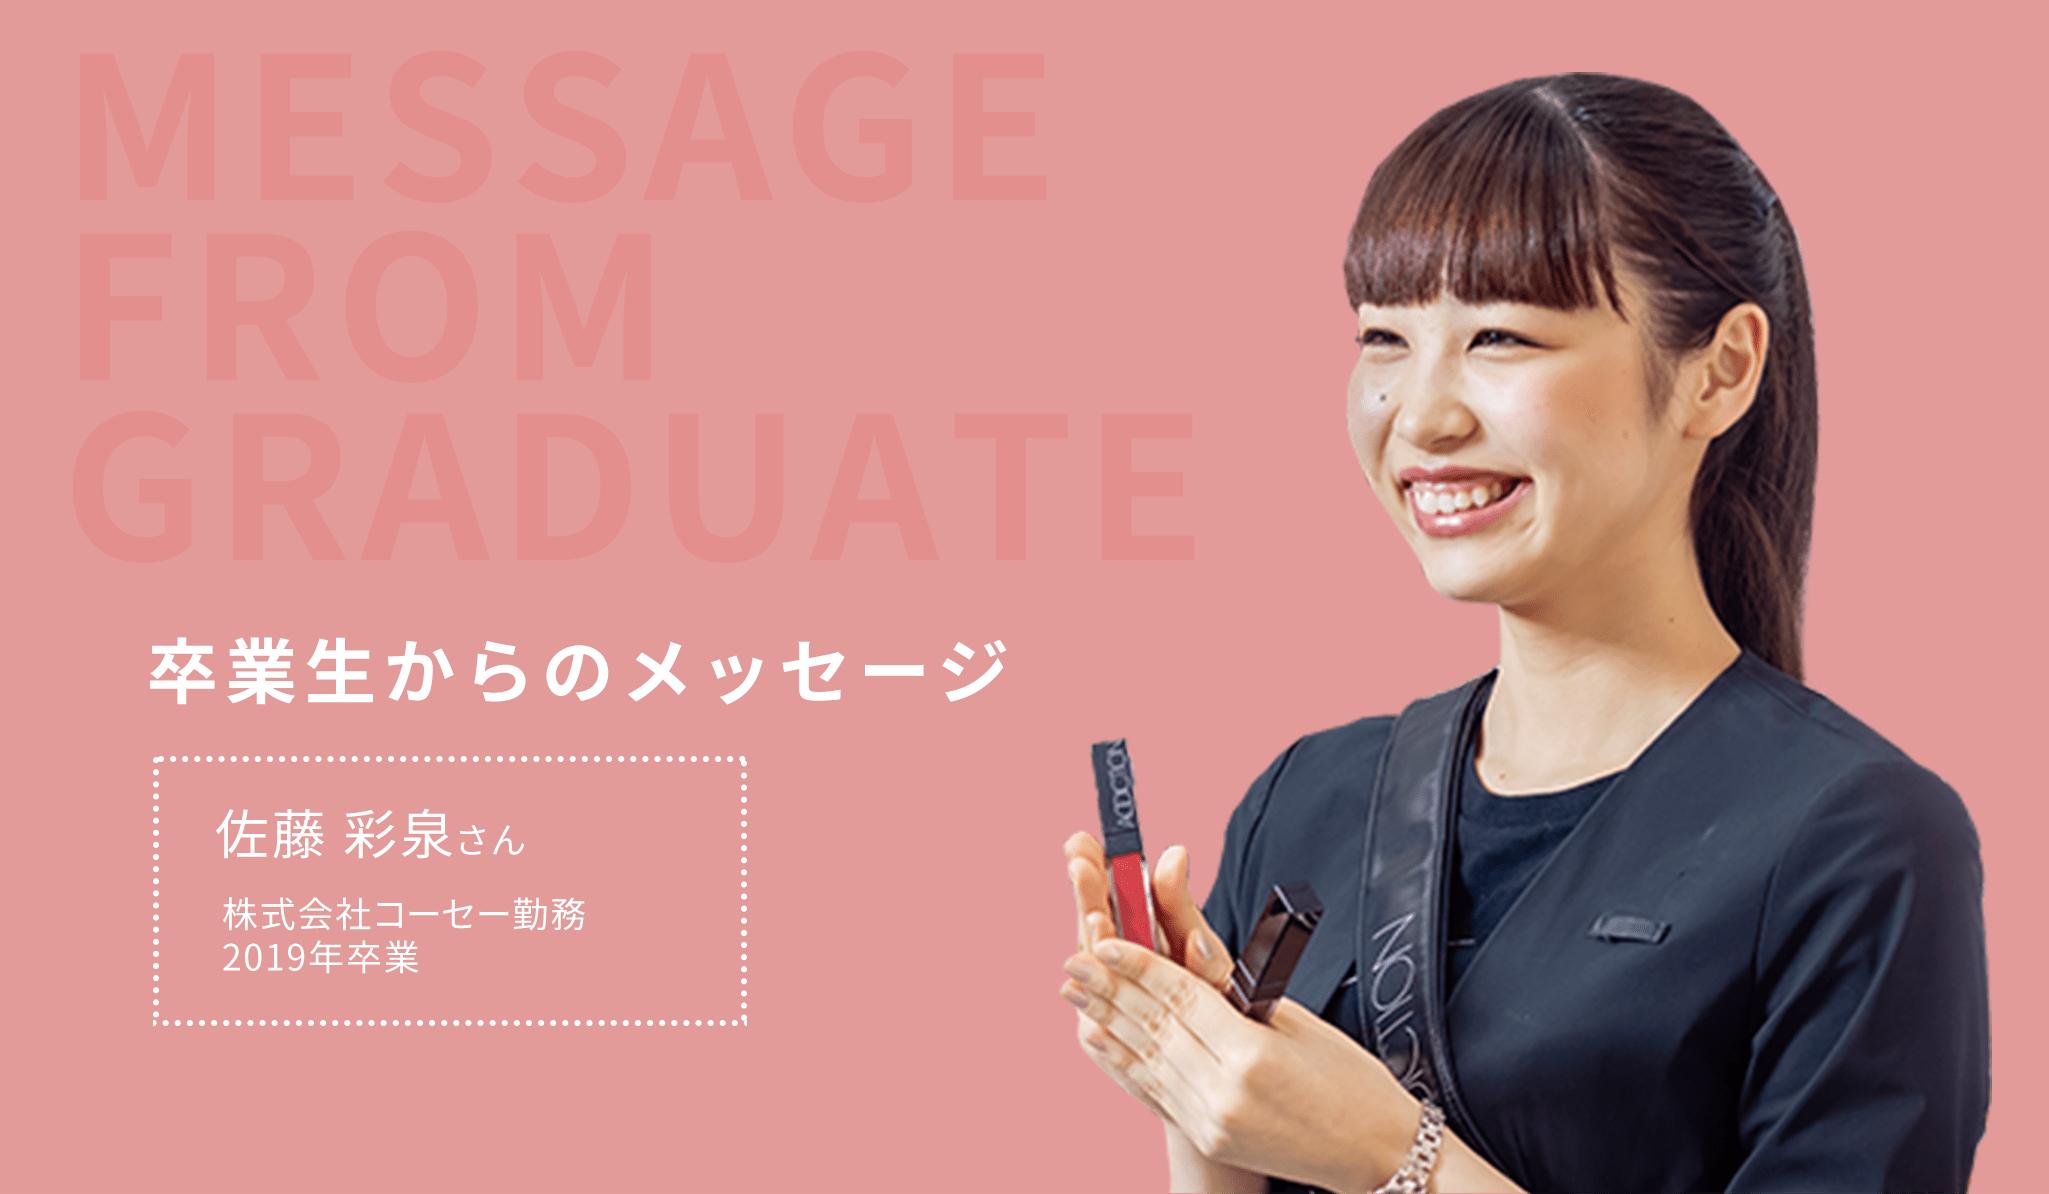 卒業生からのメッセージ